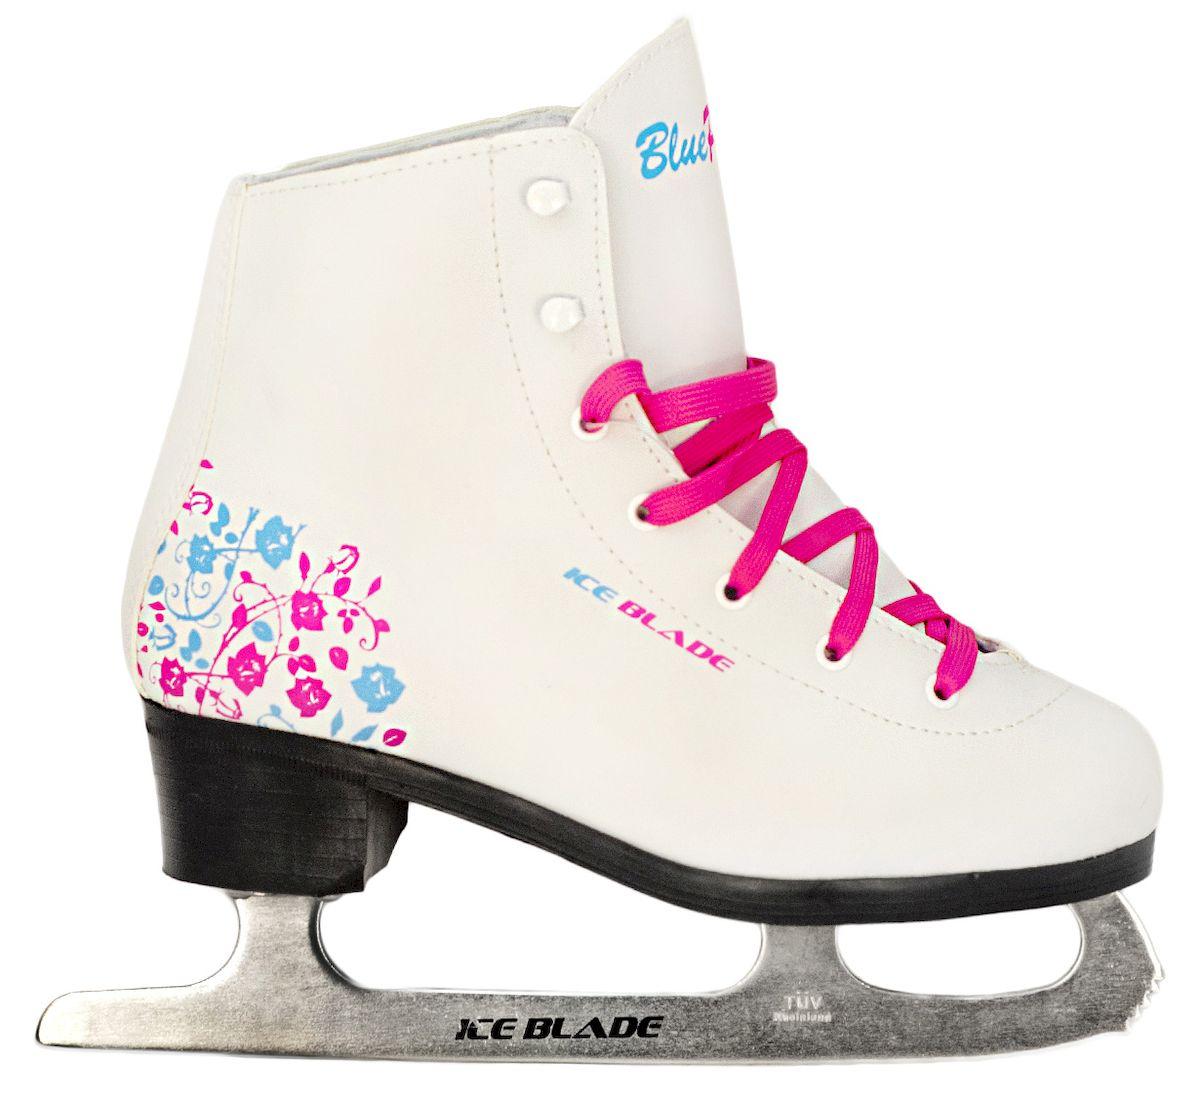 Коньки фигурные Ice Blade BluePink, цвет: белый, розовый, голубой. УТ-00006869. Размер 29PW-221Коньки фигурные Ice Blade BluePink предназначены для любительского фигурного катания. Яркий и нестандартный дизайн модели BluePink совмещает голубой и розовый цвет. Более того, в комплекте помимо розовых шнурков идет пара голубых, пусть каждая любительница катания на коньках выберет для себя, какой цвет ей больше по душе.Ботинок анатомической конструкции выполнен из высококачественной искусственной кожи, покрытой полиуретаном, защищающим от влаги. Внутренняя набивка из специального материала, комфортно адаптирующегося к форме ноги. Внутренняя отделка из мягкого вельвета.Лезвия изготовлены из высокоуглеродистой стали, сертифицированной TUV Rheiland. Коньки поставляются с заводской заточкой лезвия, что позволяет сразу приступить к катанию, не тратя время и денег на заточку. Коньки подходят для использования на открытом и закрытом льду.